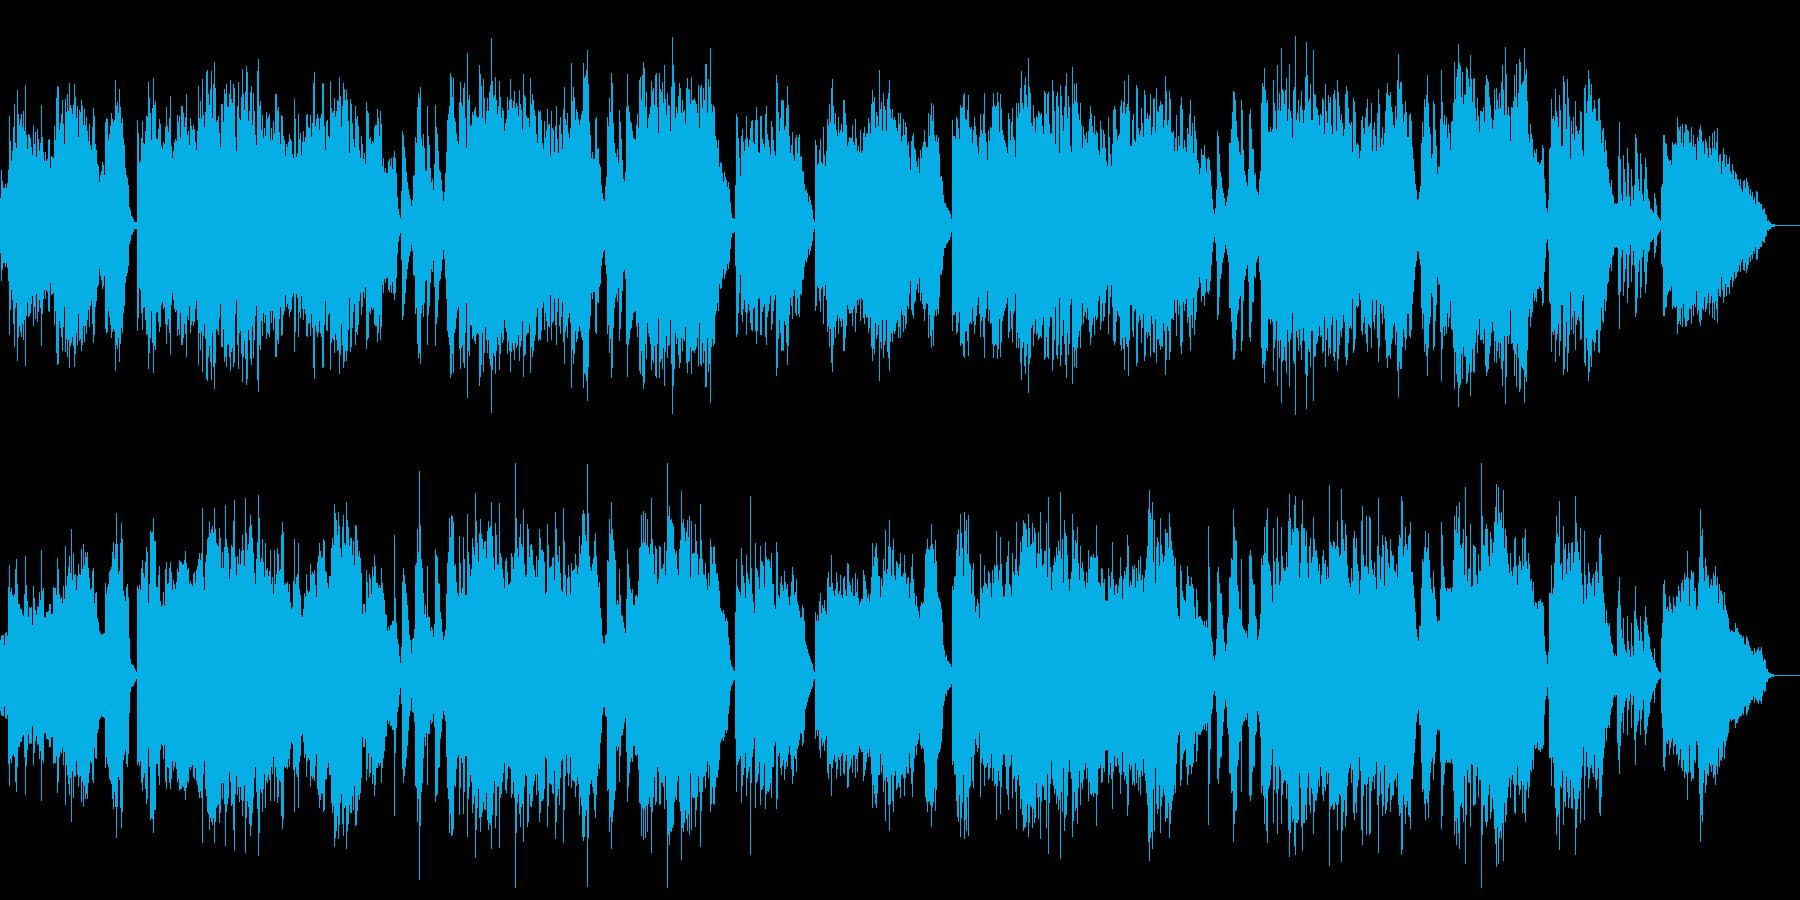 優しい和風の曲・日本の行事の再生済みの波形